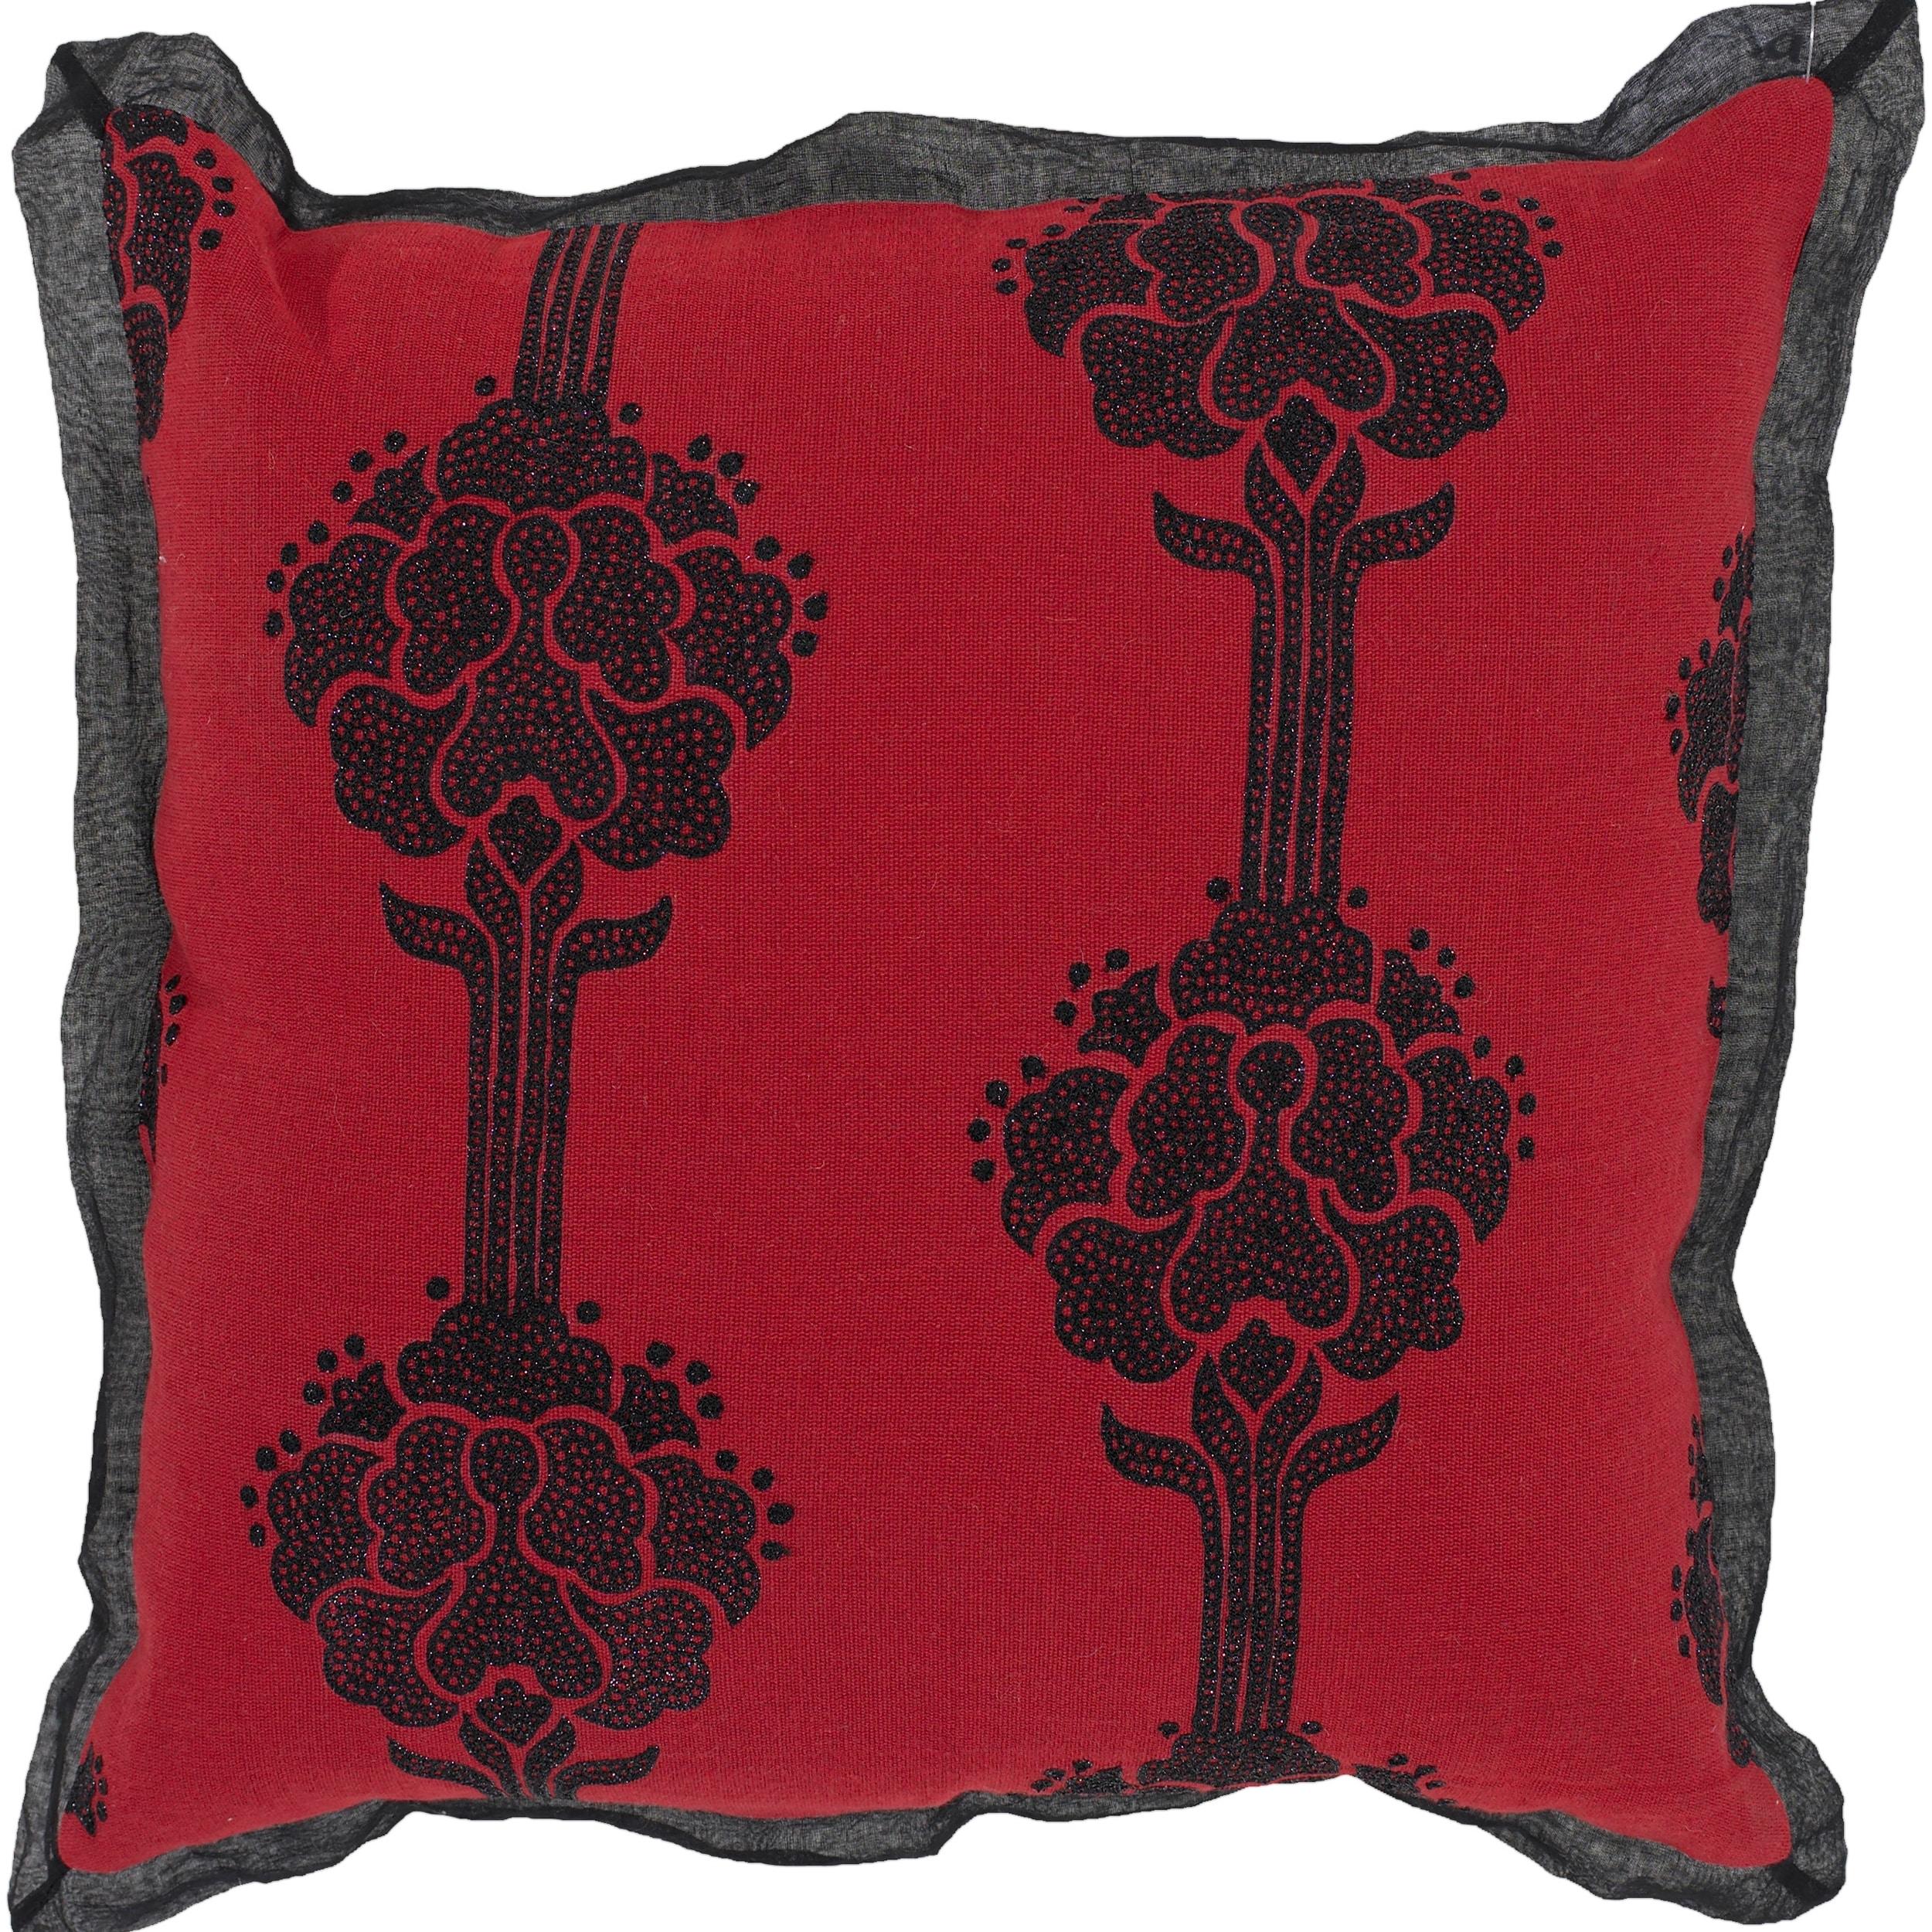 Decorative 18-inch Lugano Pillow